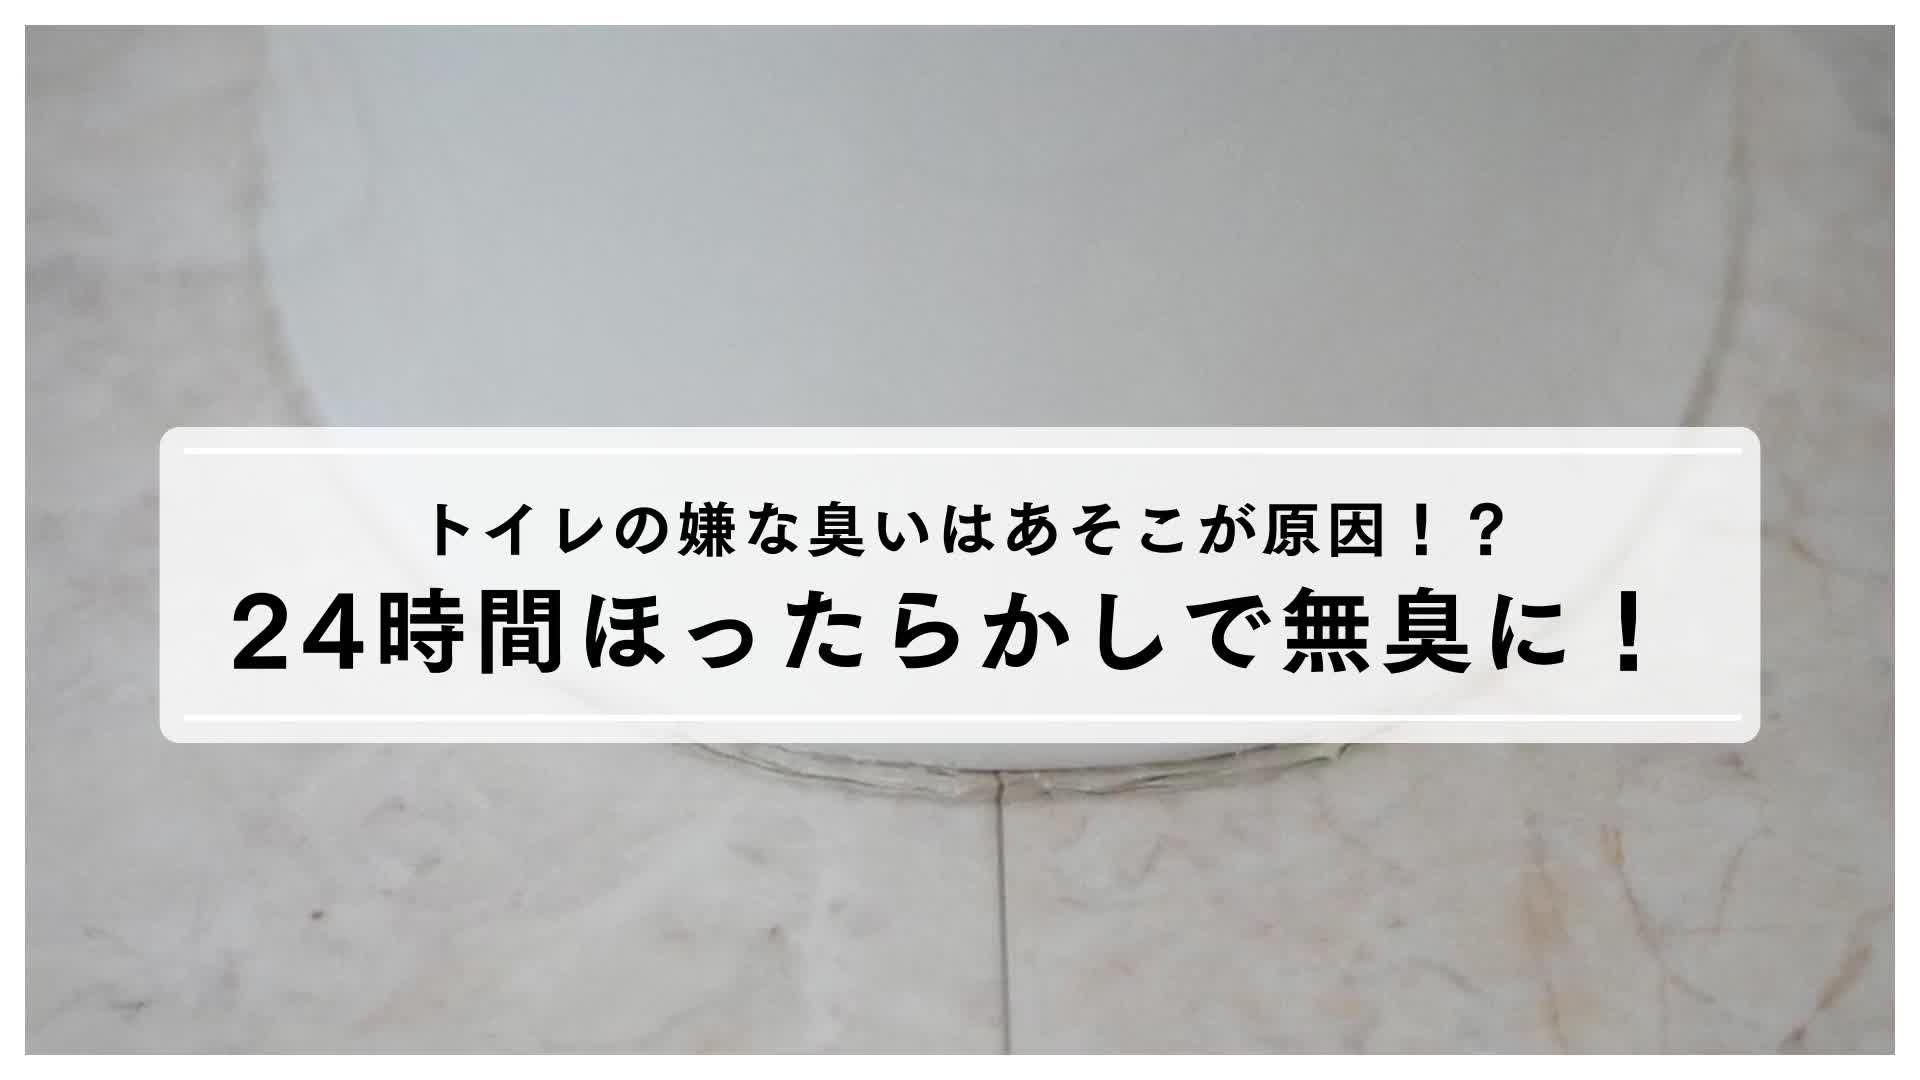 トイレの嫌な臭いはあそこが原因!臭いをシャットアウトする方法 - ks._.myhome | Yahoo! JAPAN クリエイターズプログラム